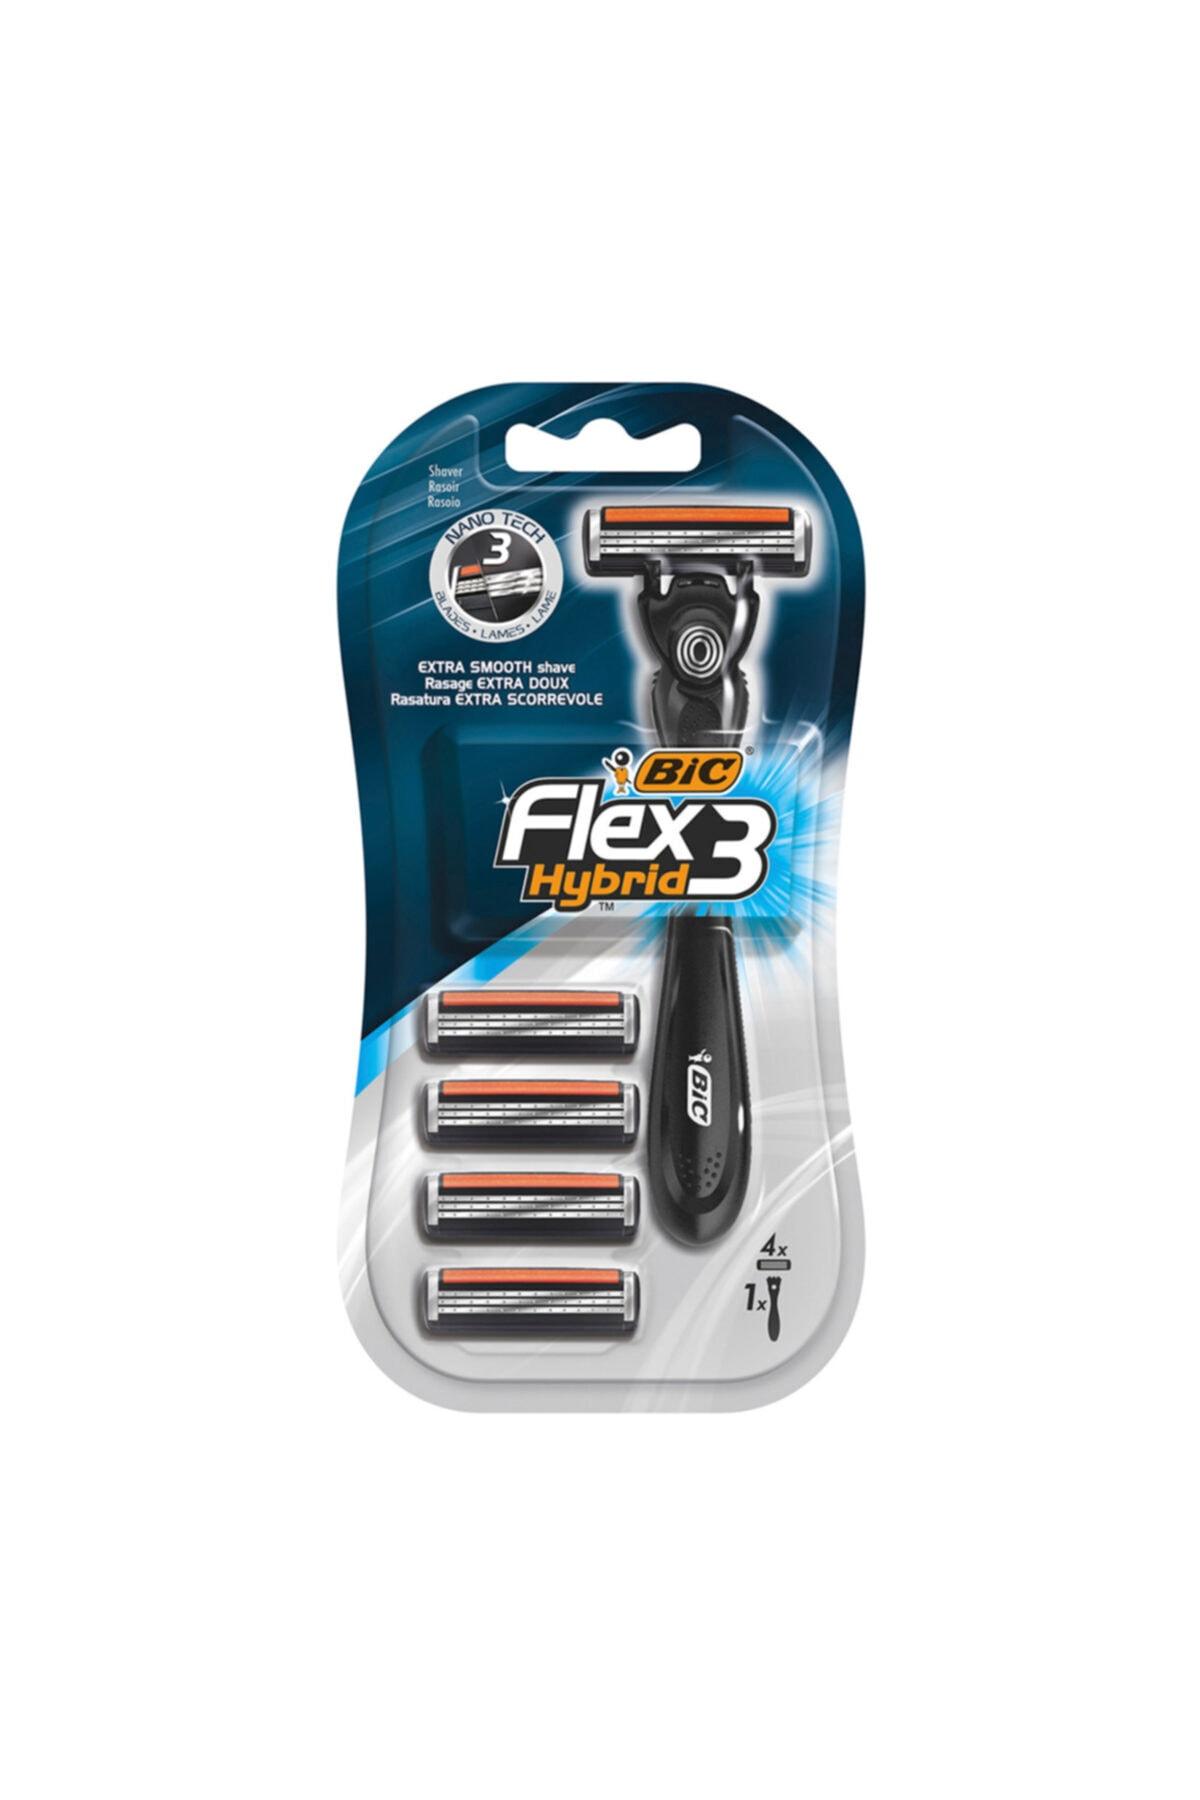 Bic Bıc Flex 3 Hybrid Tıraş Bıçağı 4 Kartuşlu 1